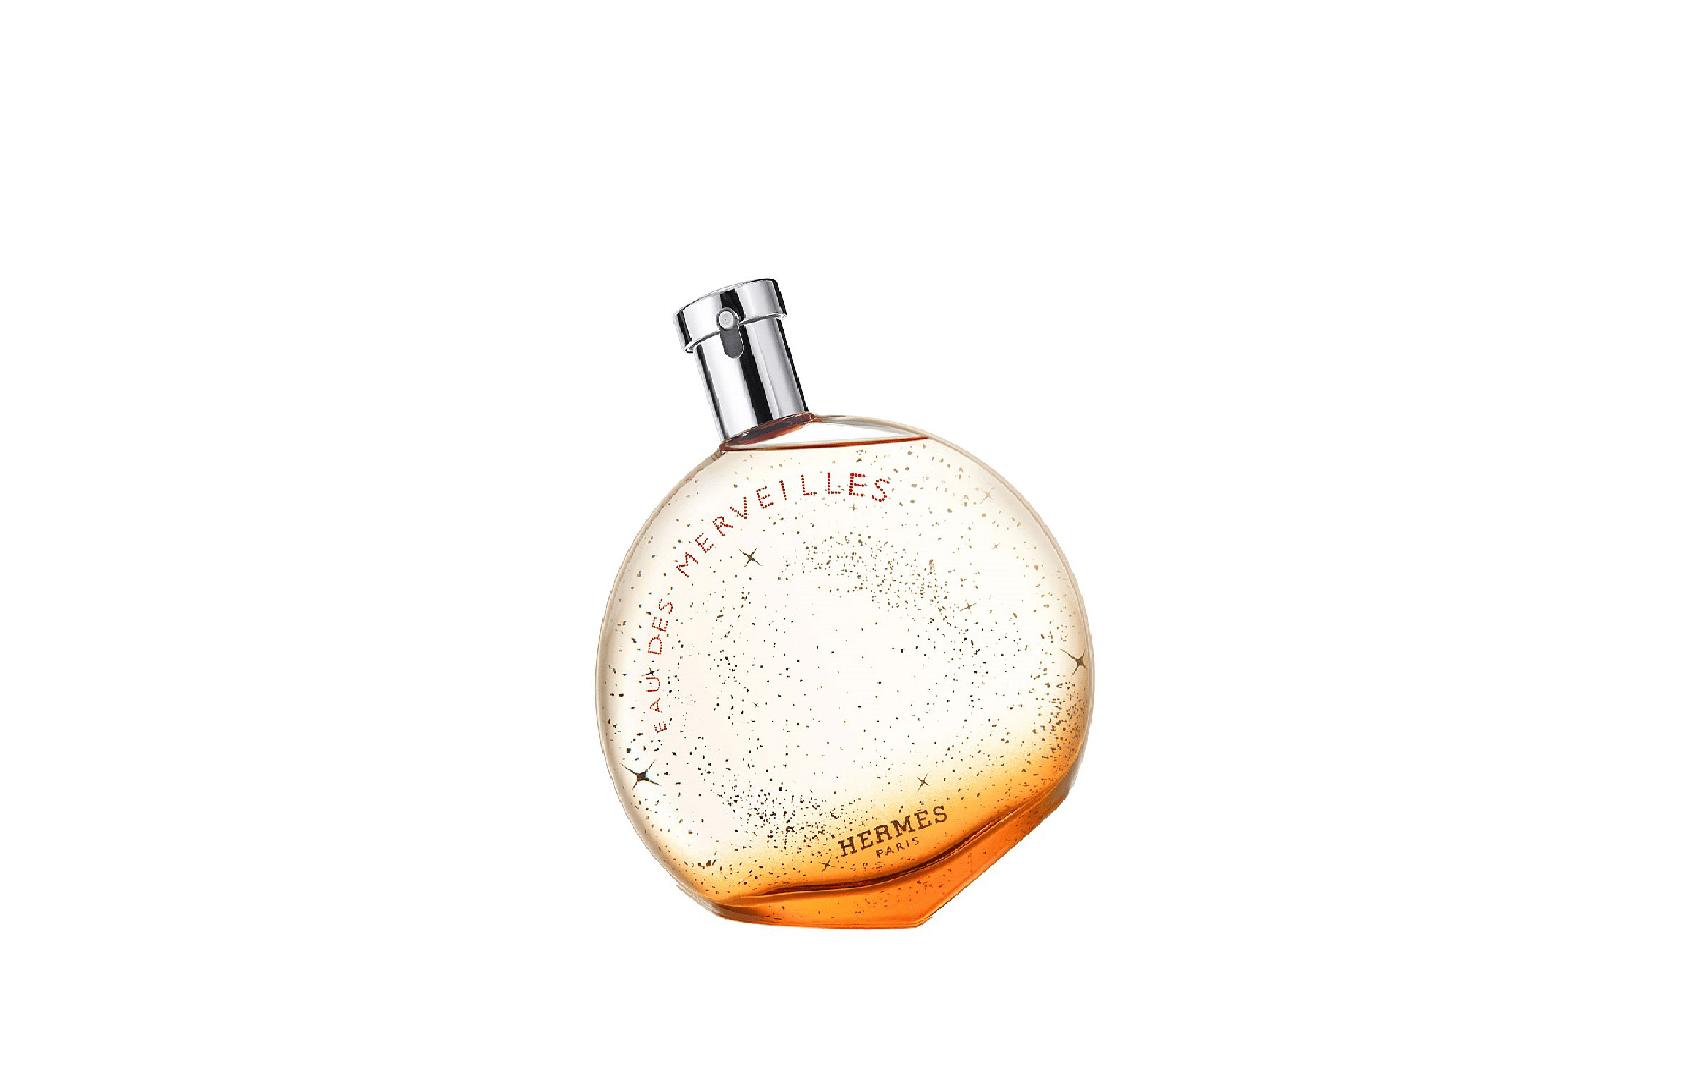 https://www.celes-perfume.com/wp-content/uploads/2019/04/Hermes-%E2%80%93-Eau-des-Merveilles-min.png